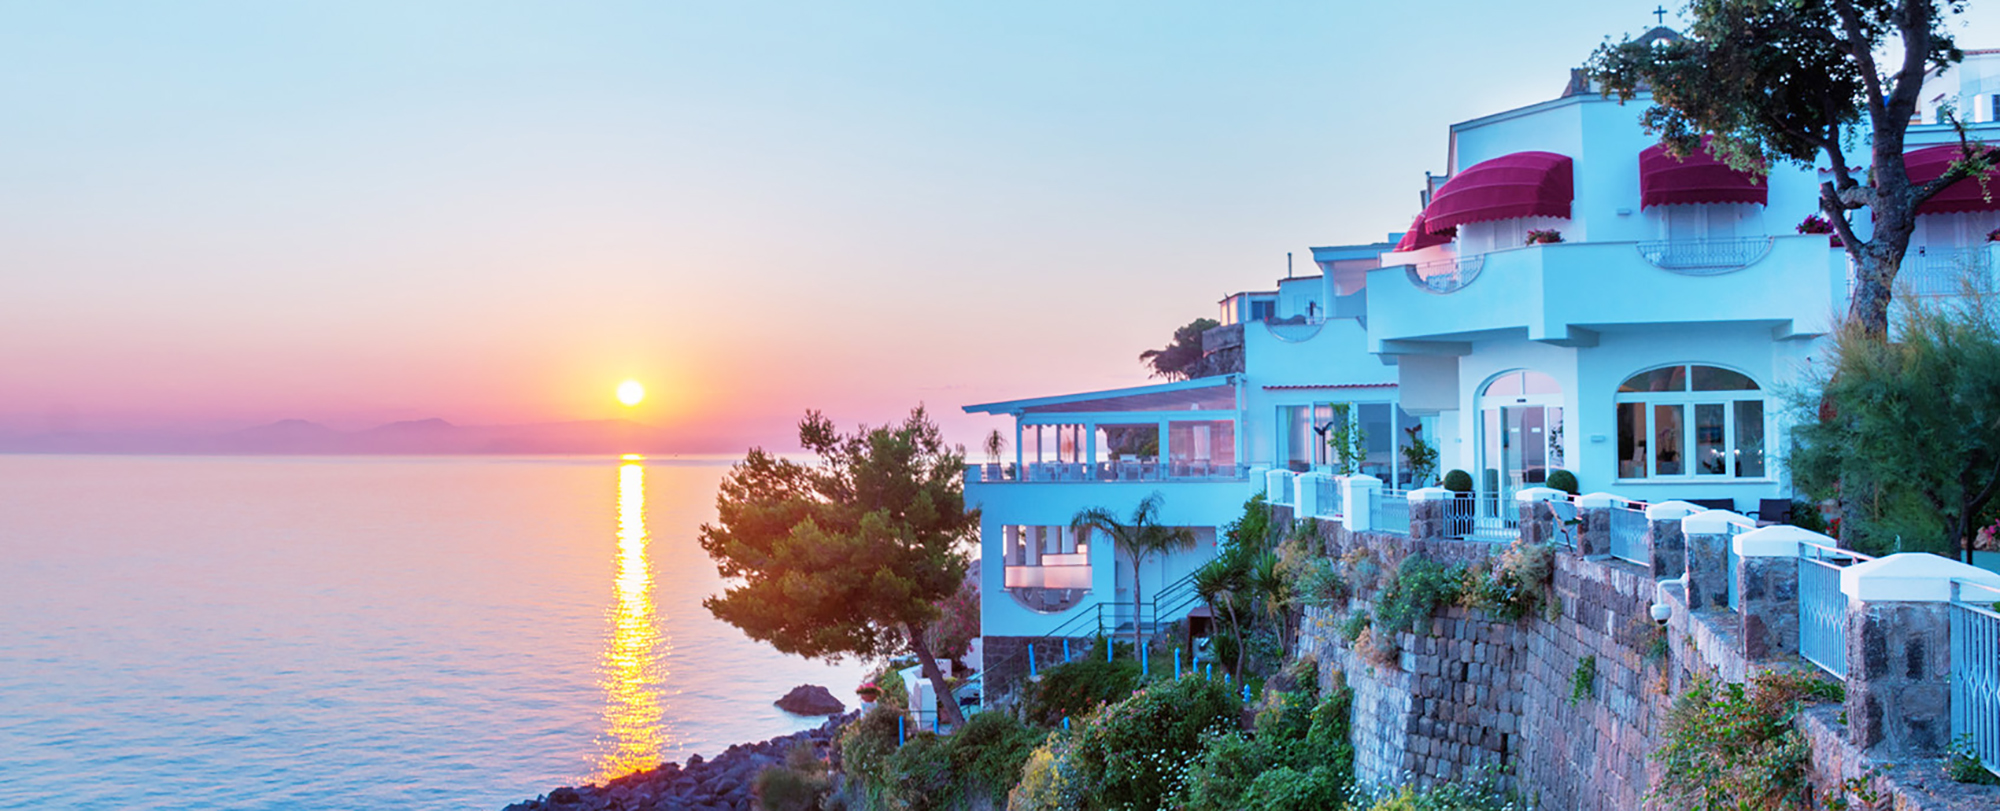 Photo pris en hauteur en haut d'une petite falaise où se trouve l'hôtel. On peut y voir un magnifique coucher de soleil et la mer